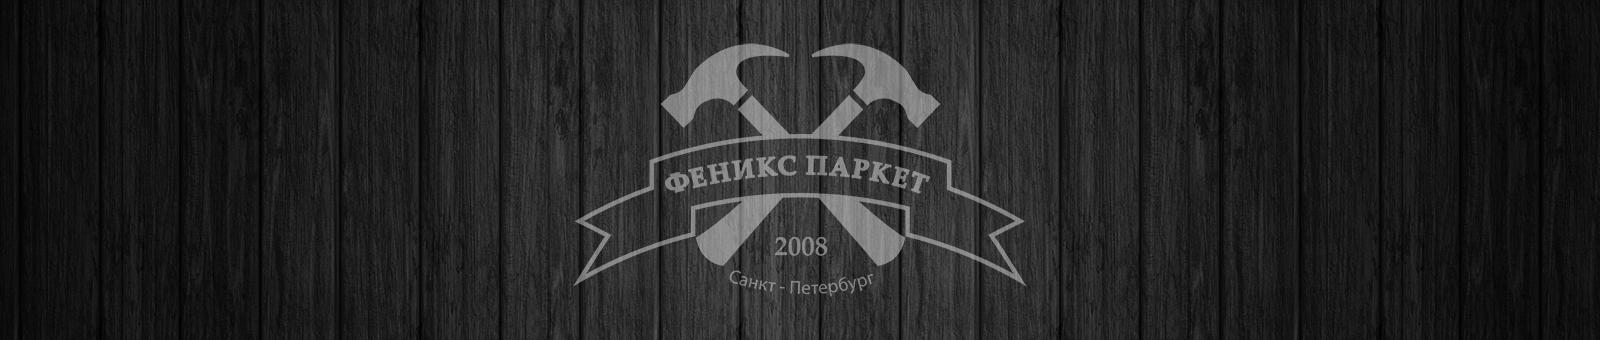 Шпатлевания деревянных полов клеем Паркета / Дощатых полов